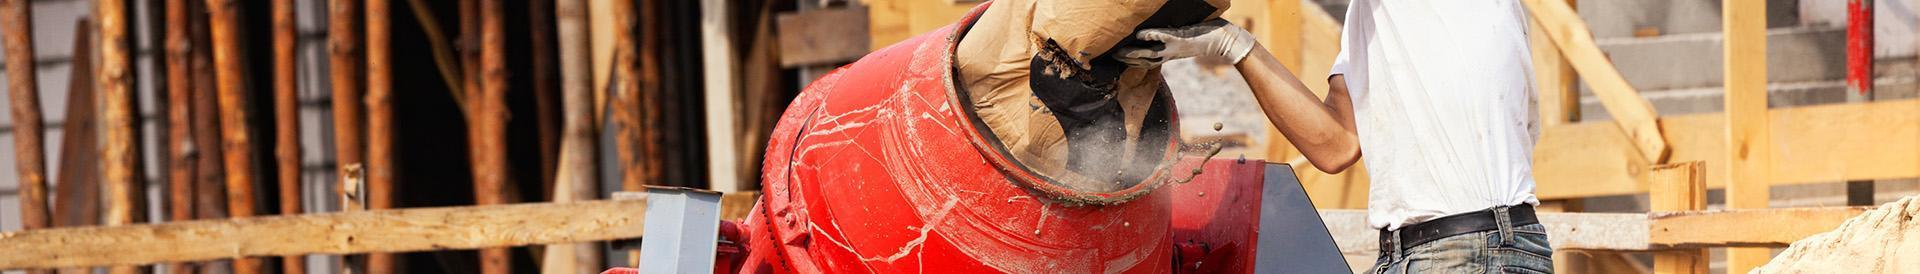 wlewanie cementu do betoniarki